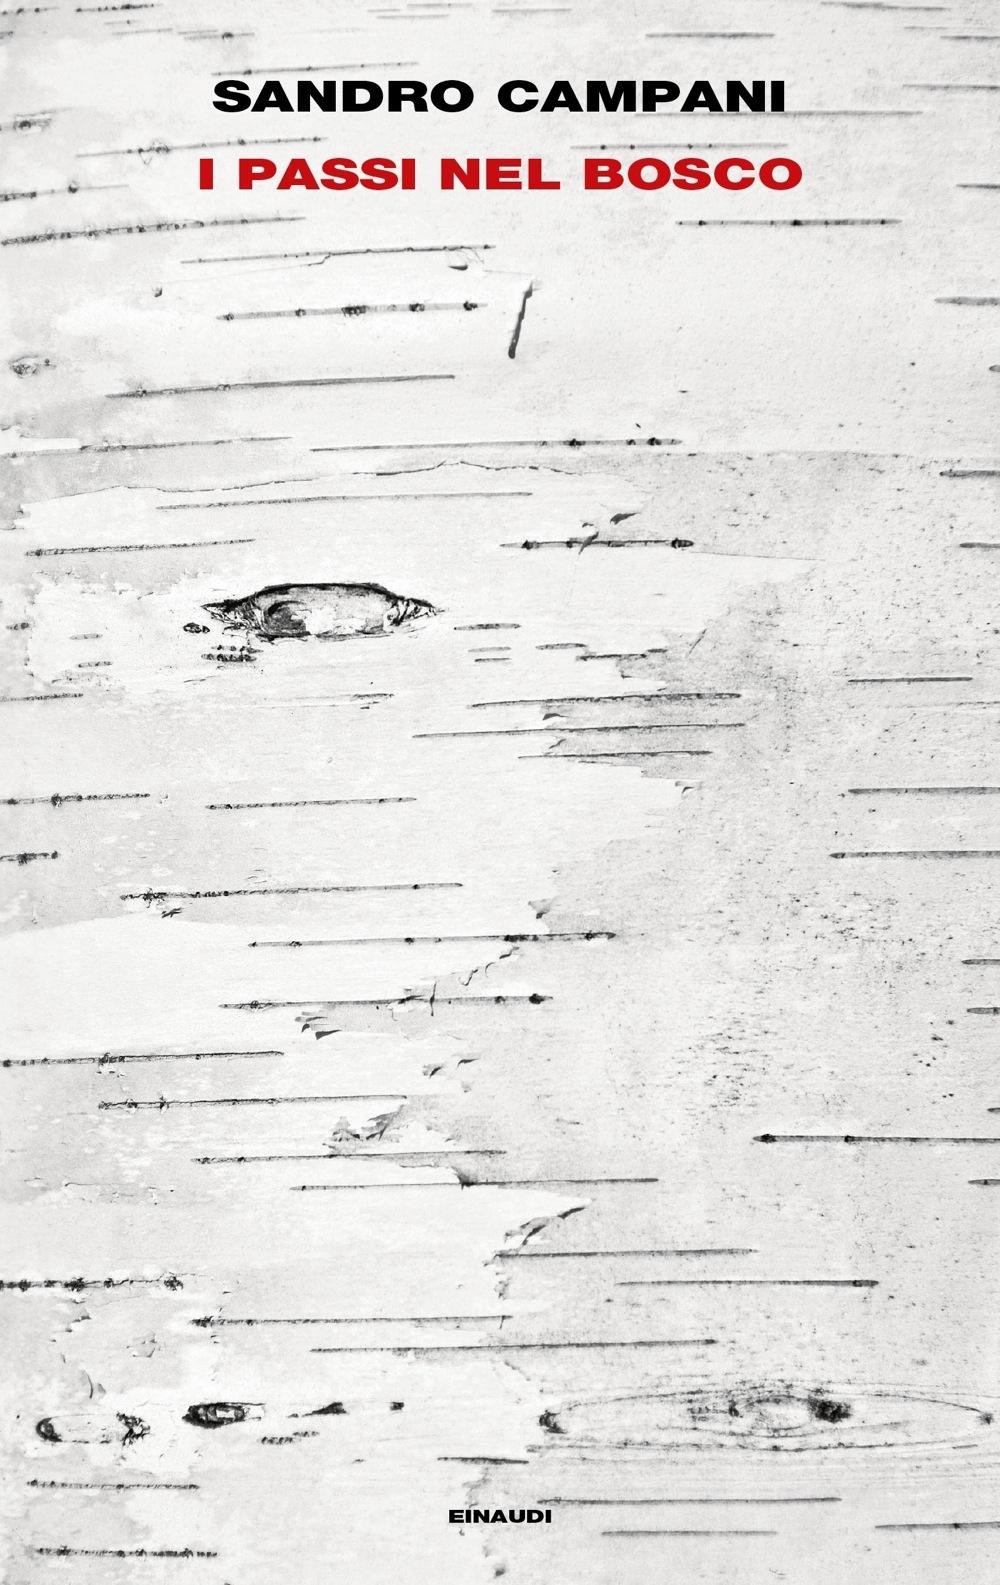 Invito alla lettura: I passi nel bosco, di Sandro Campani